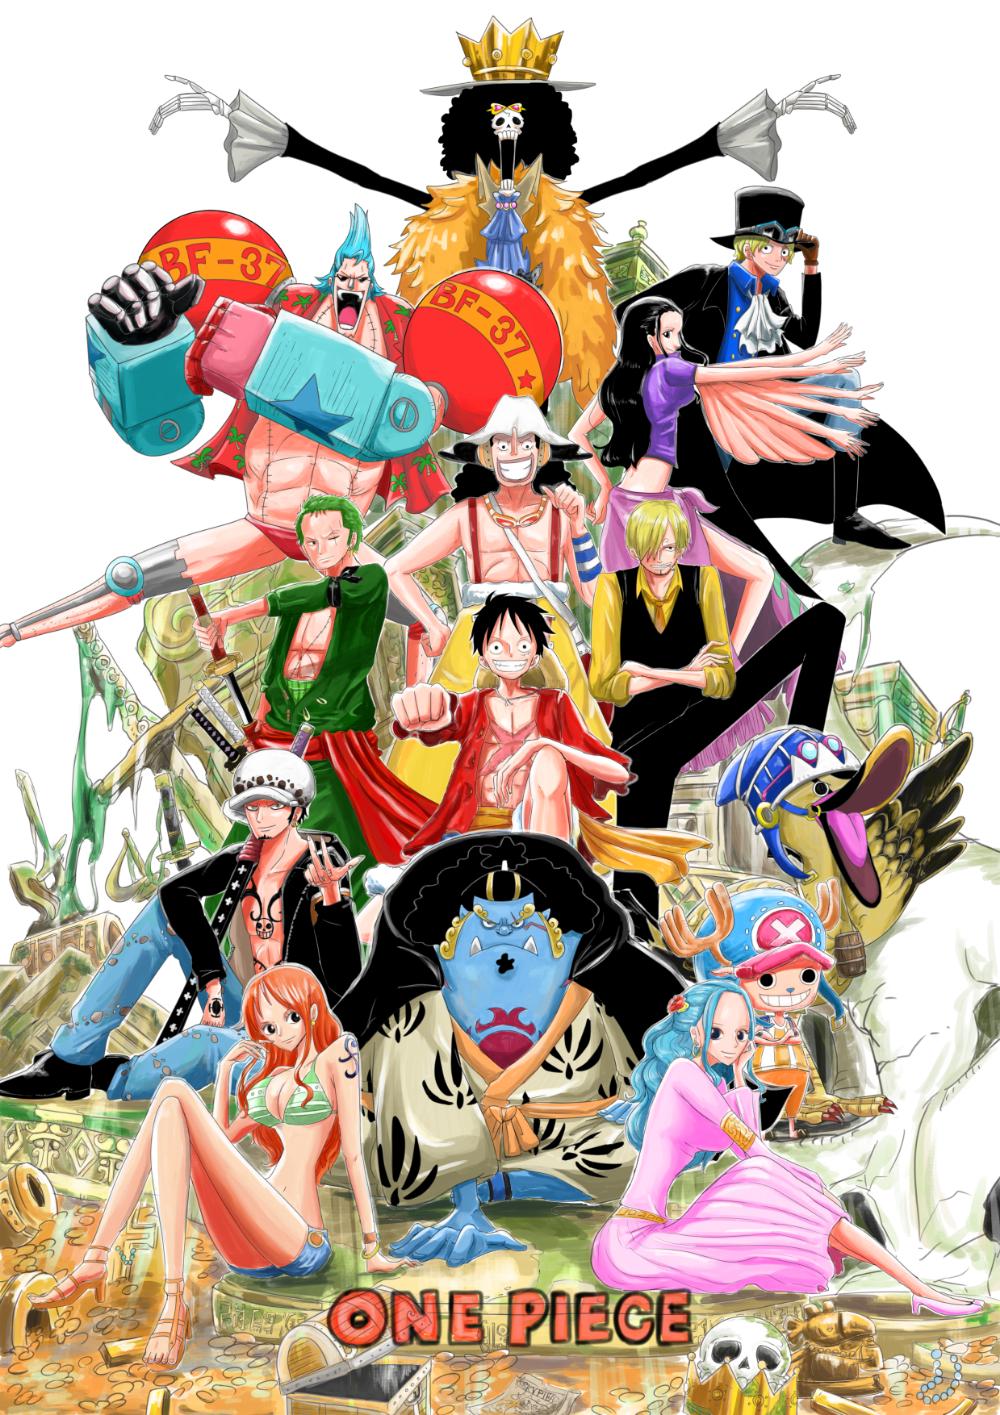 Onepiece 扉絵オマージュ まーがれっとのイラスト Em 2020 Anime